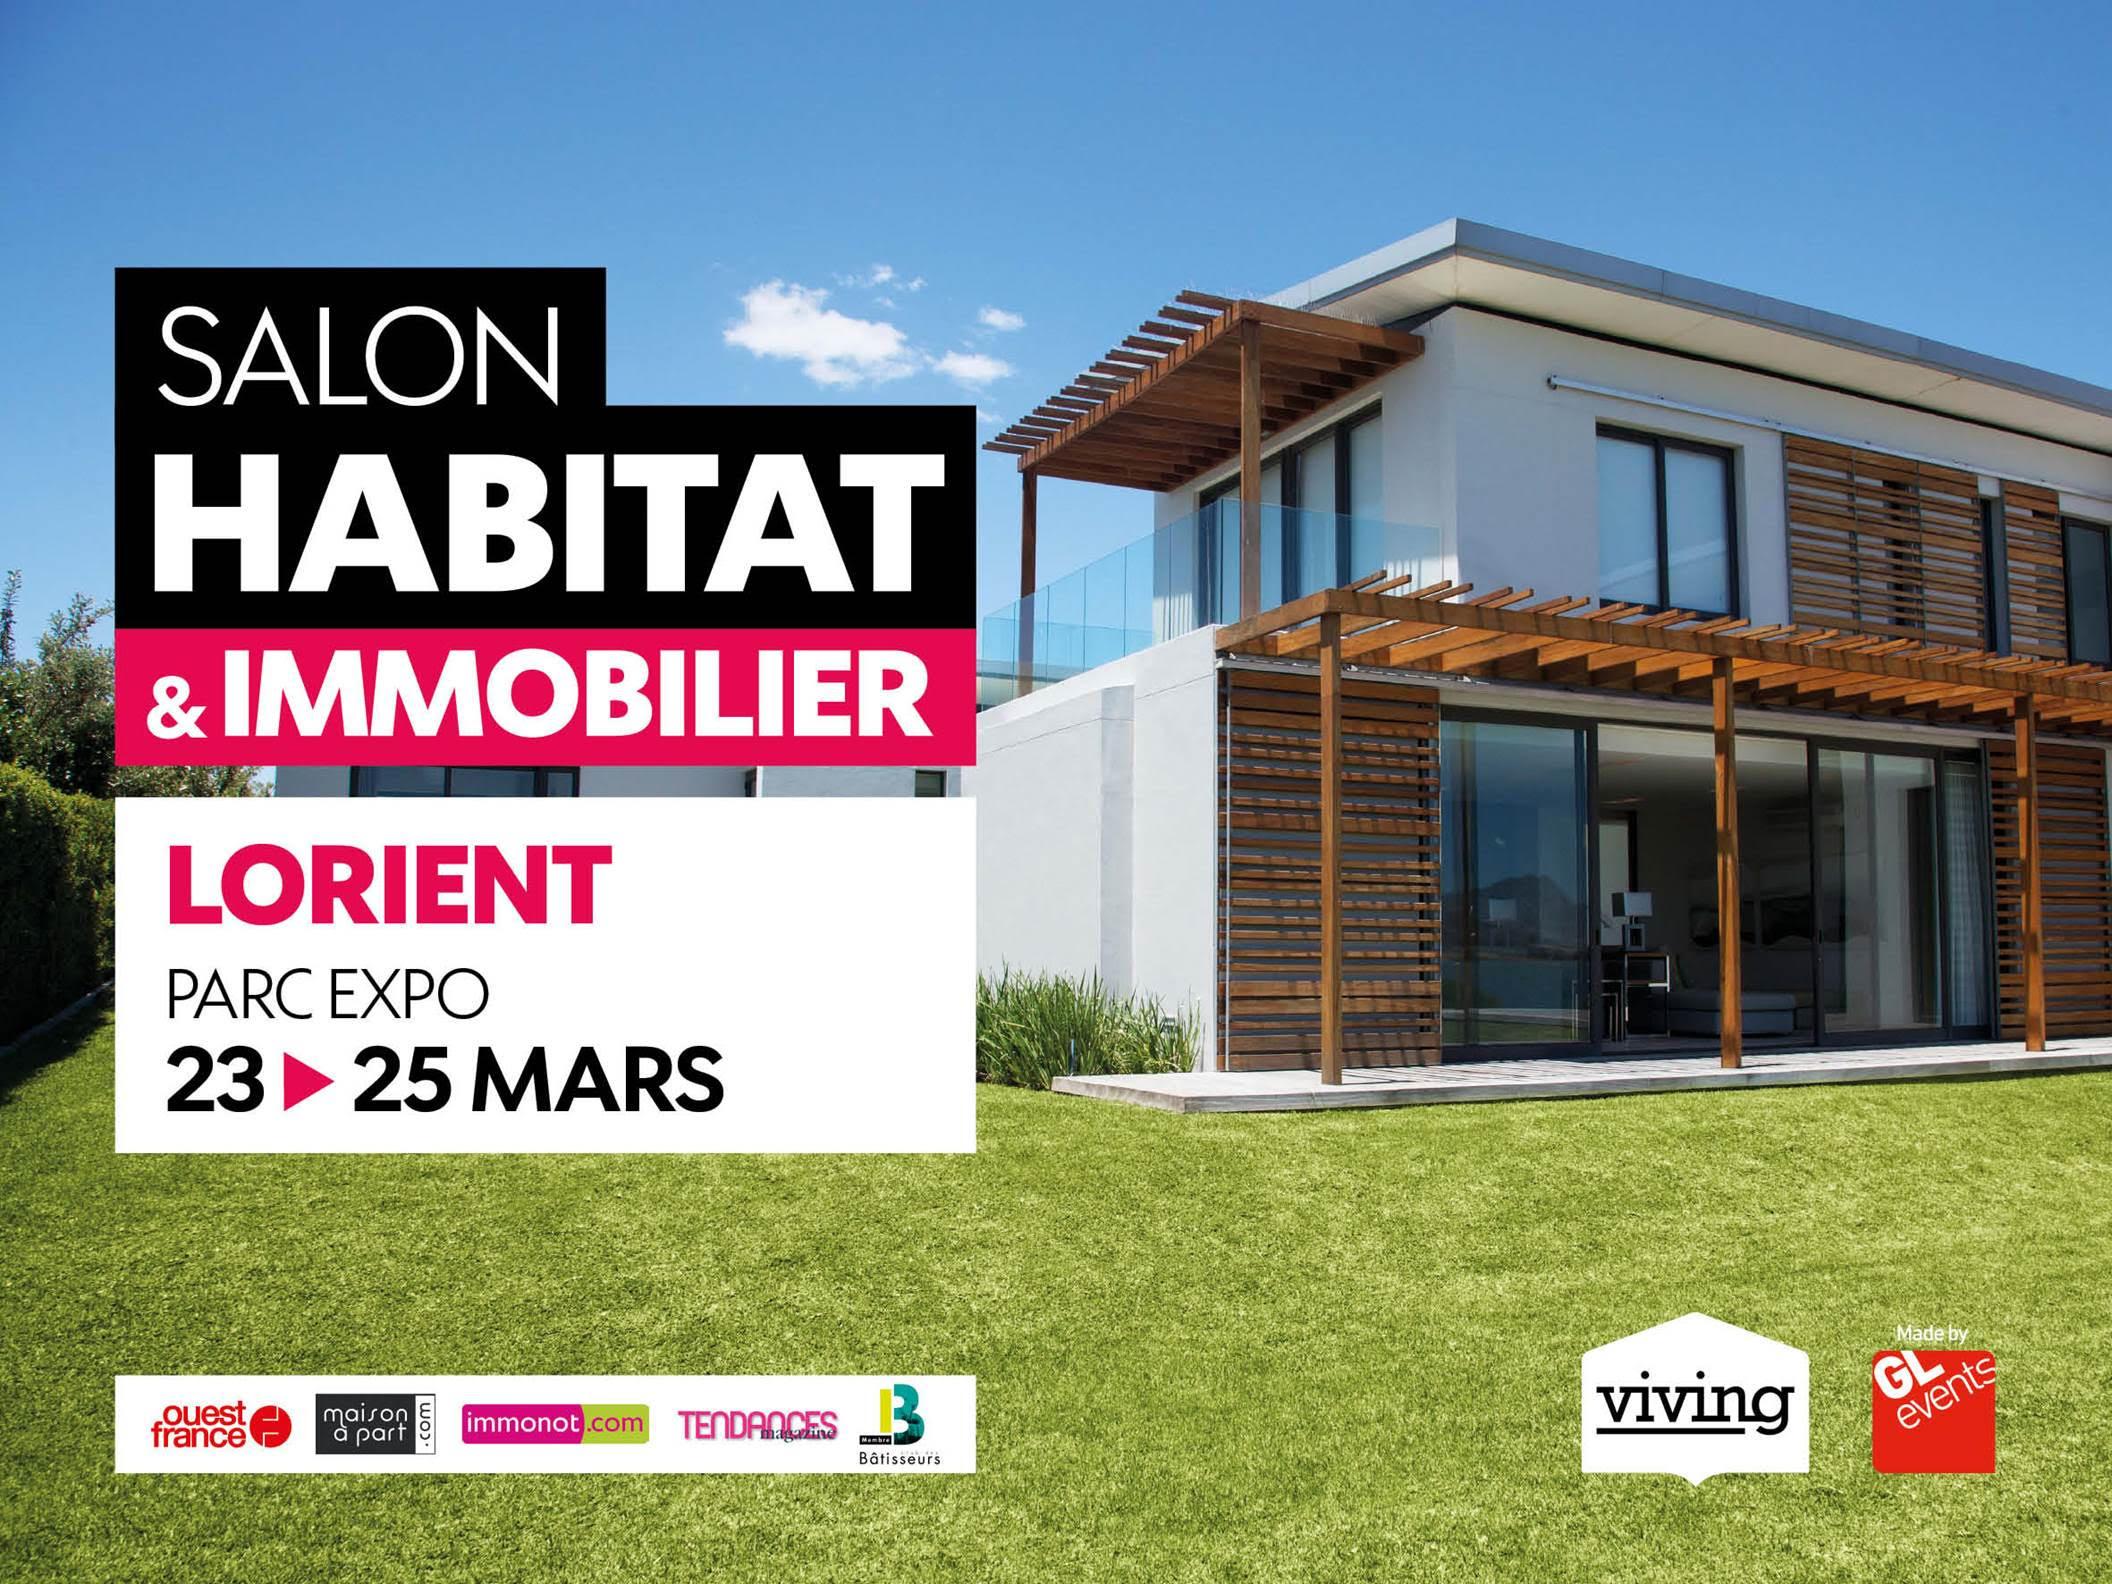 Salon Habitat et Immobilier Lorient 2019